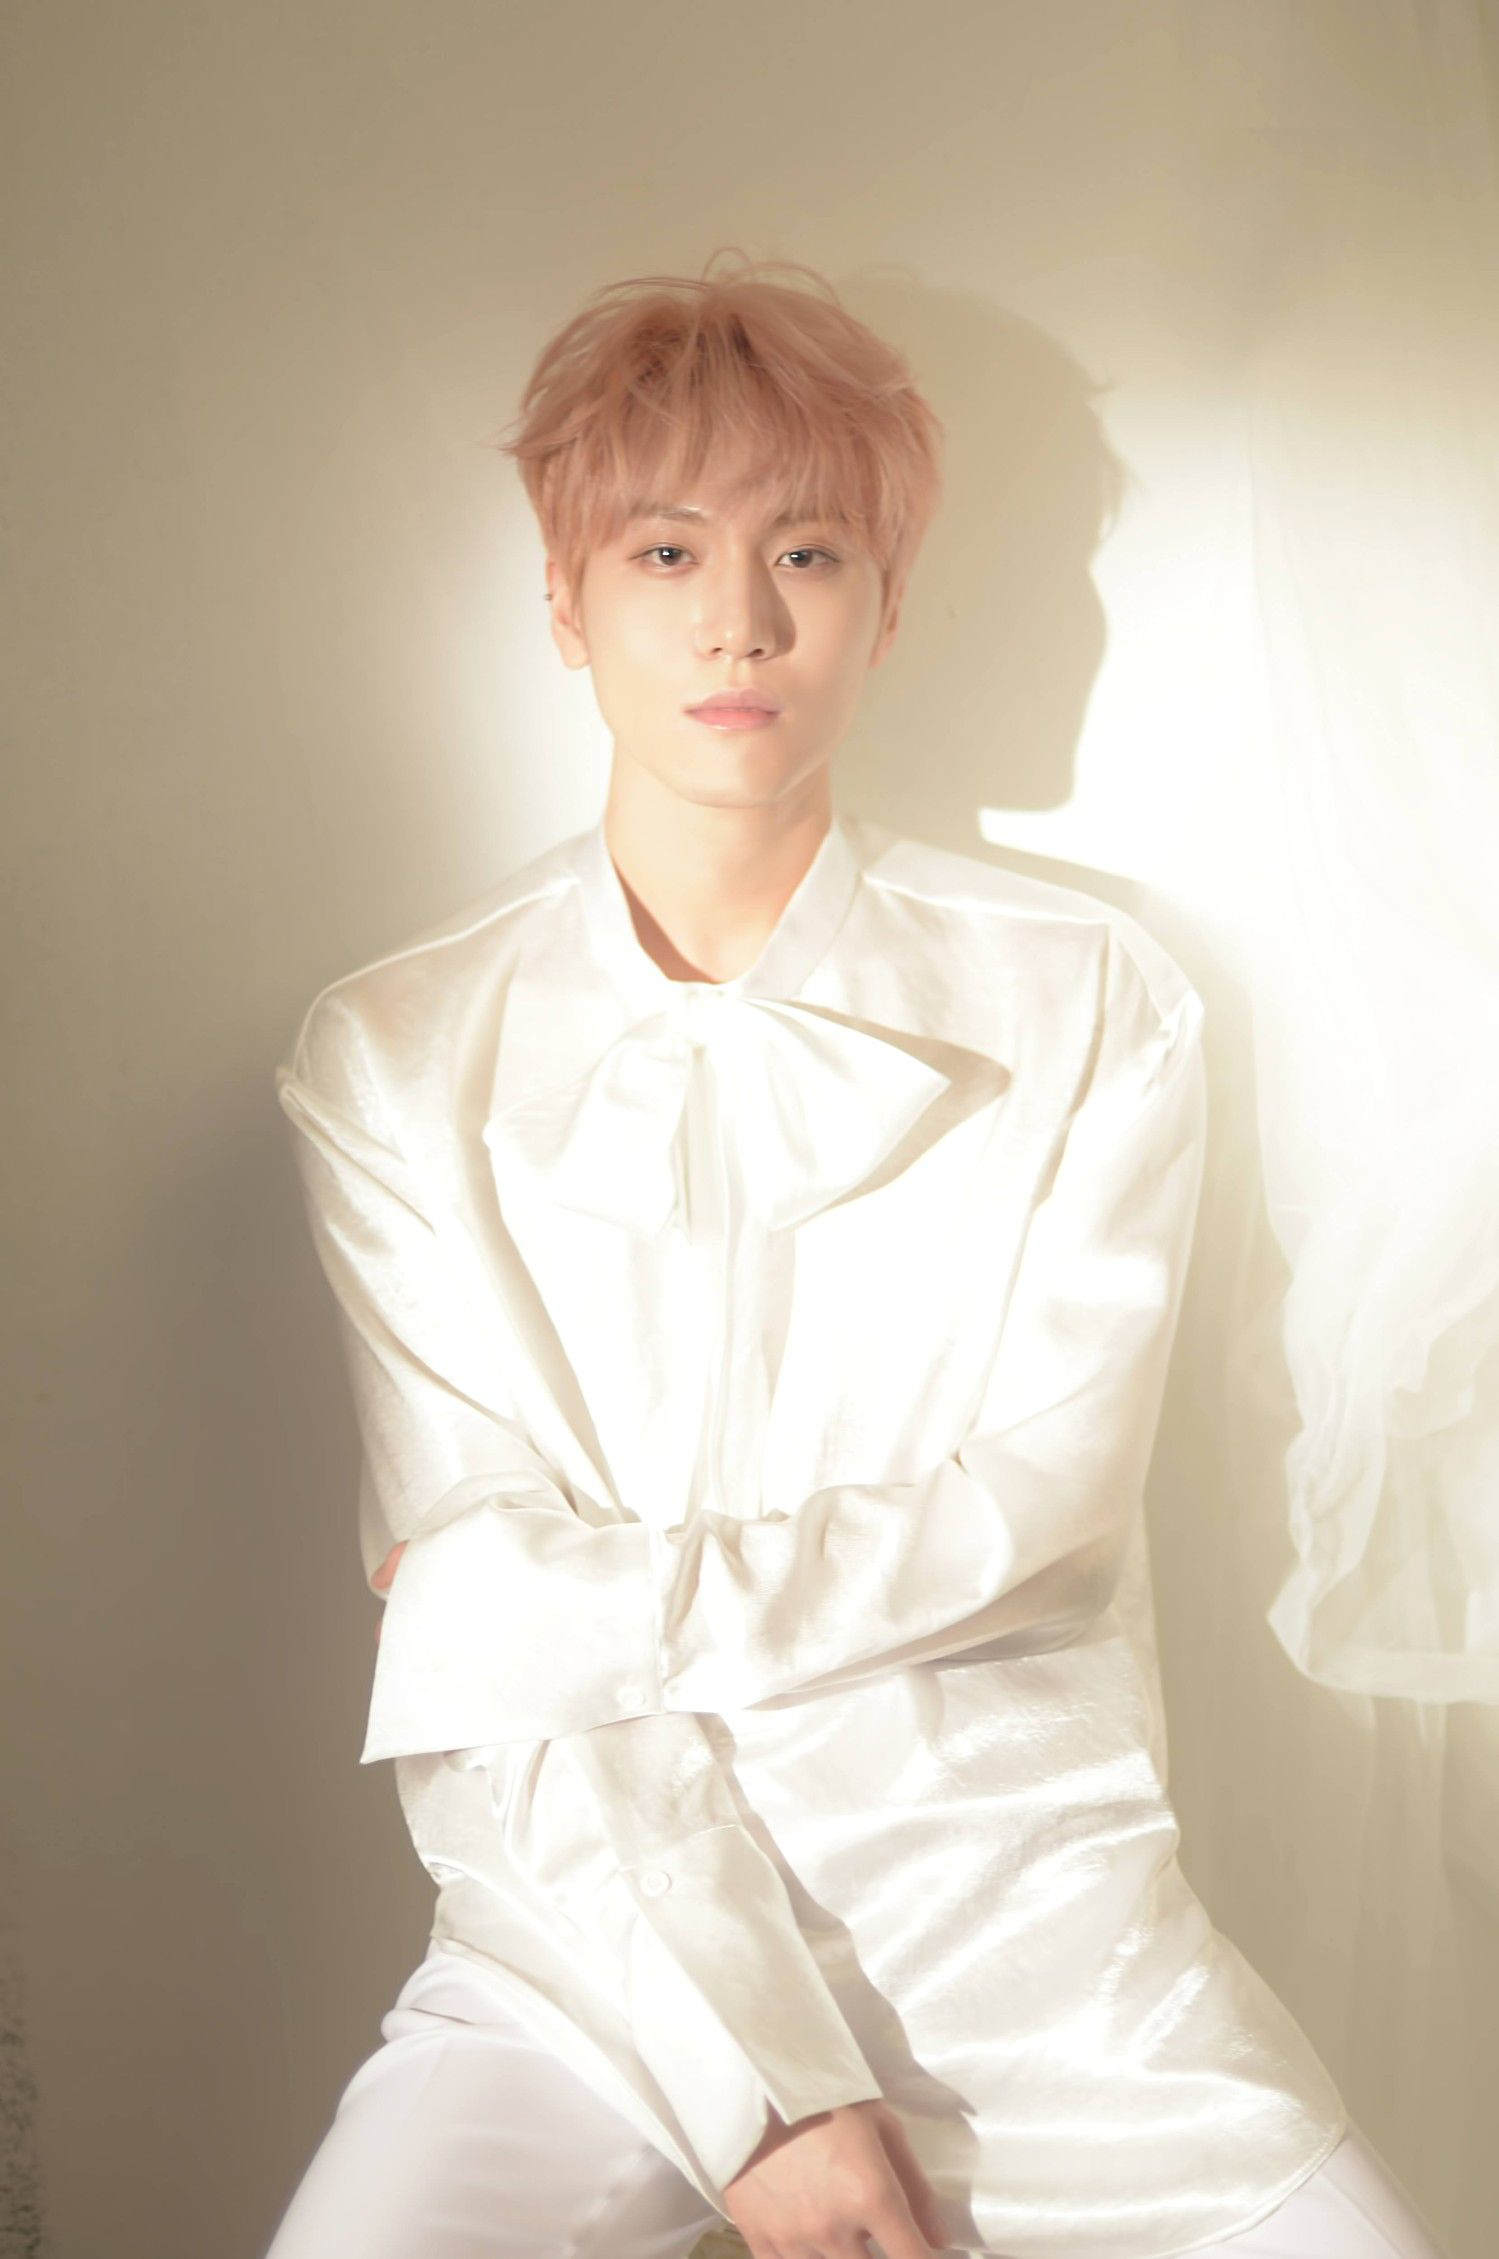 Jung Woncheol